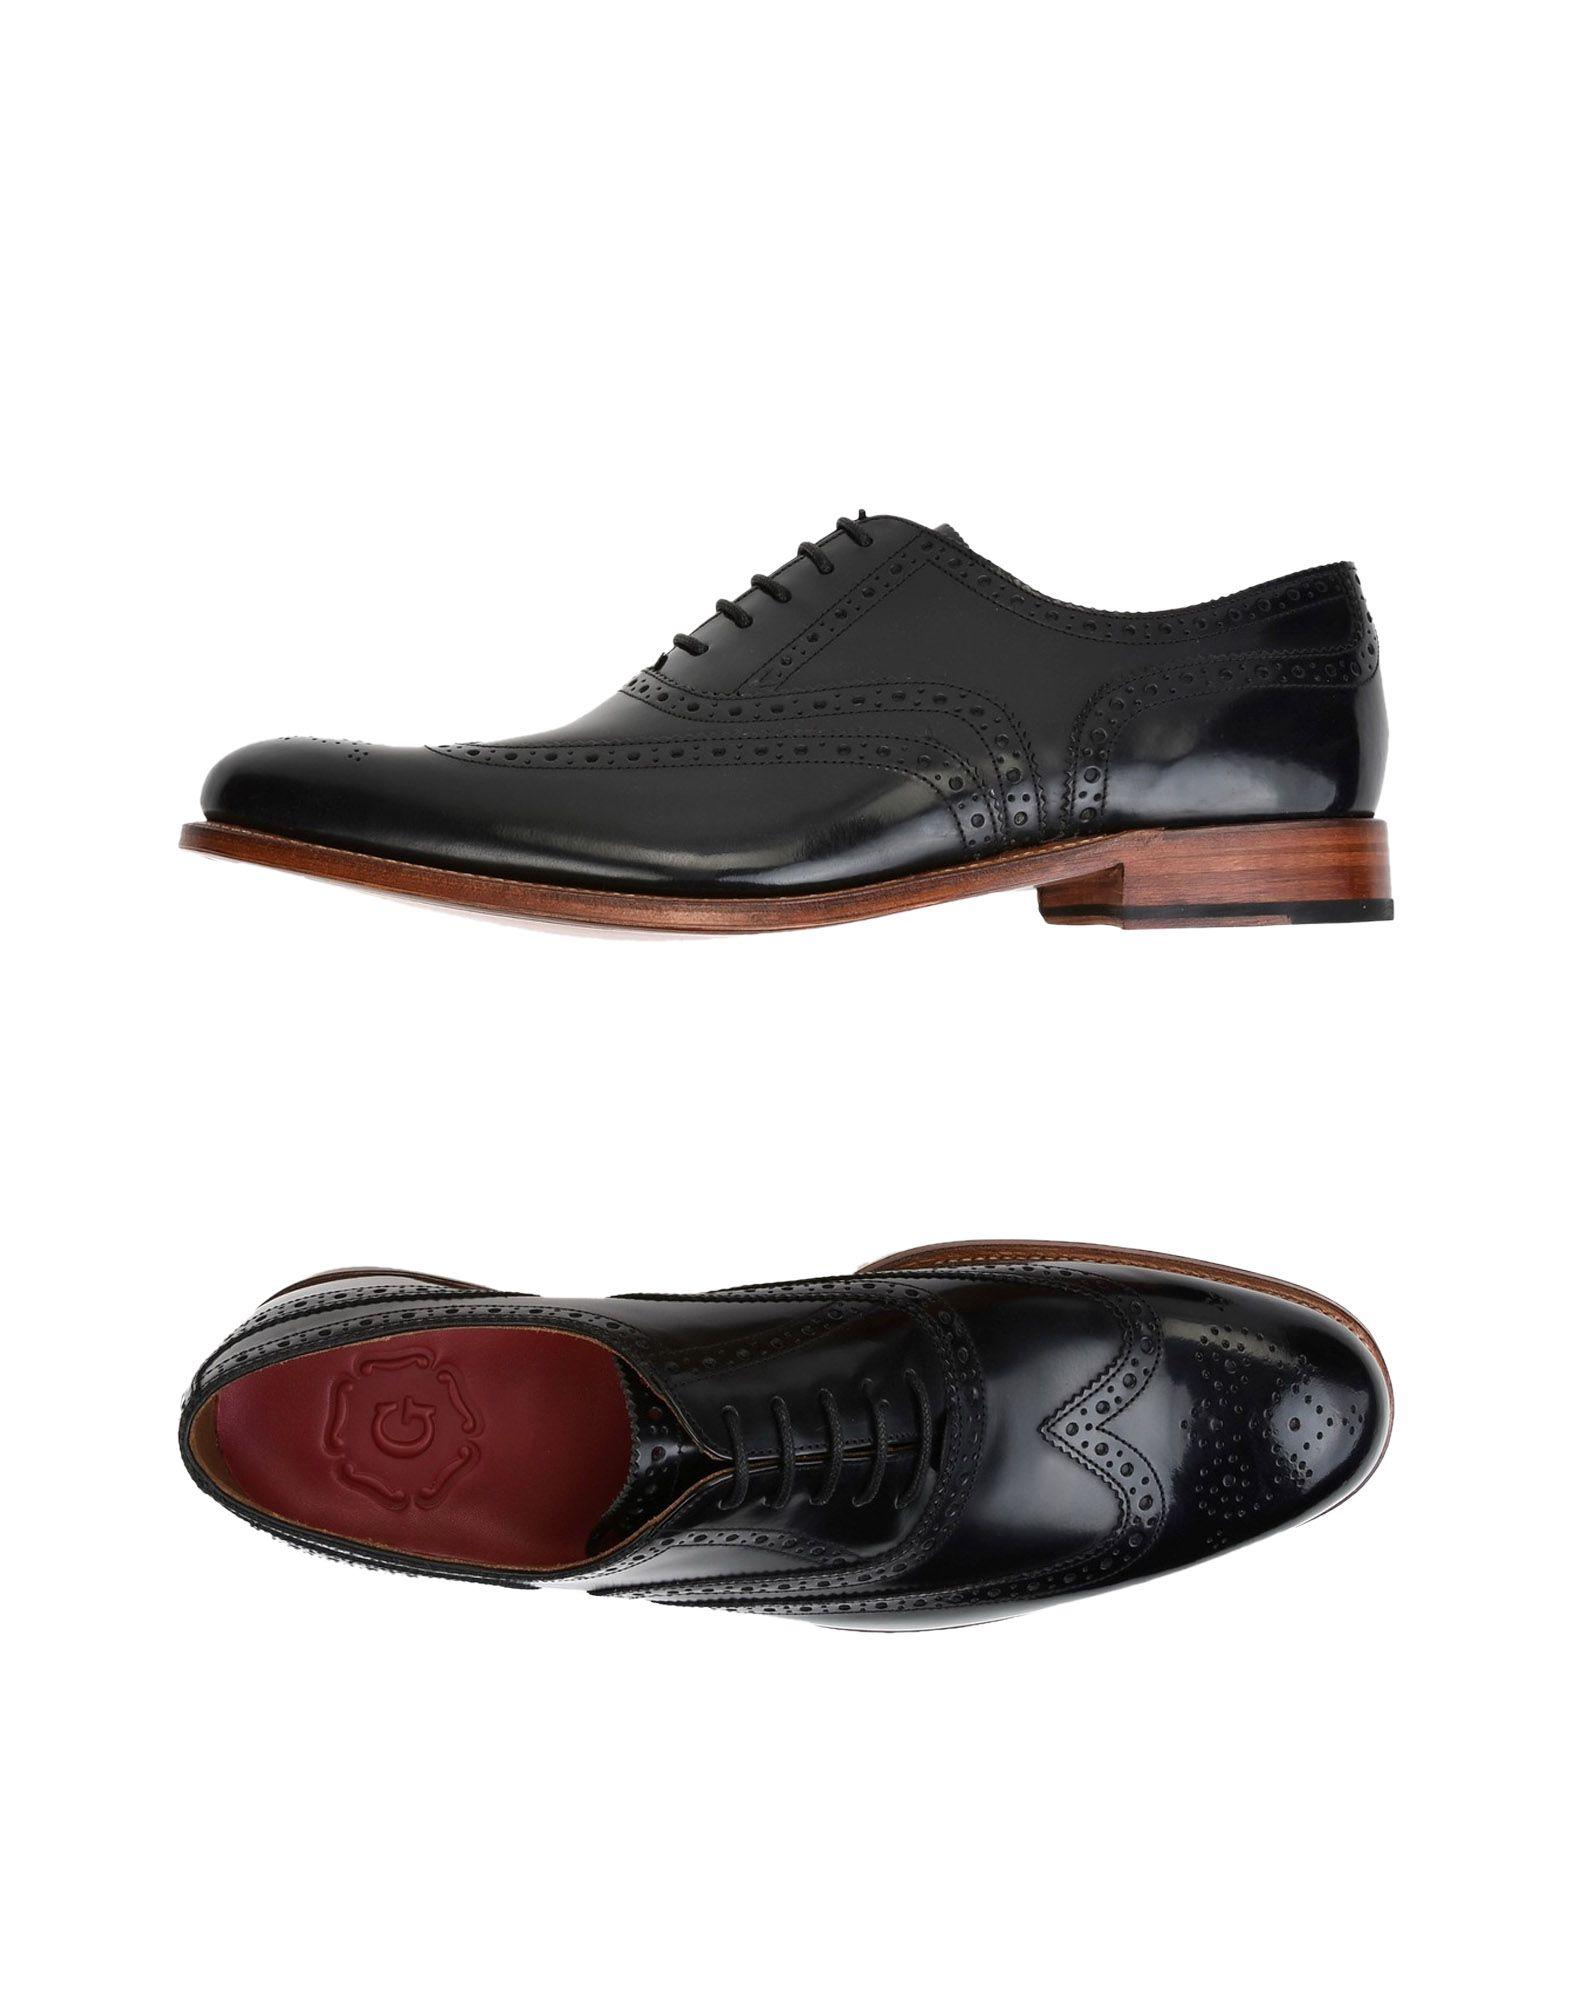 Grenson Schnürschuhe Herren  11212974AI Gute Qualität beliebte Schuhe